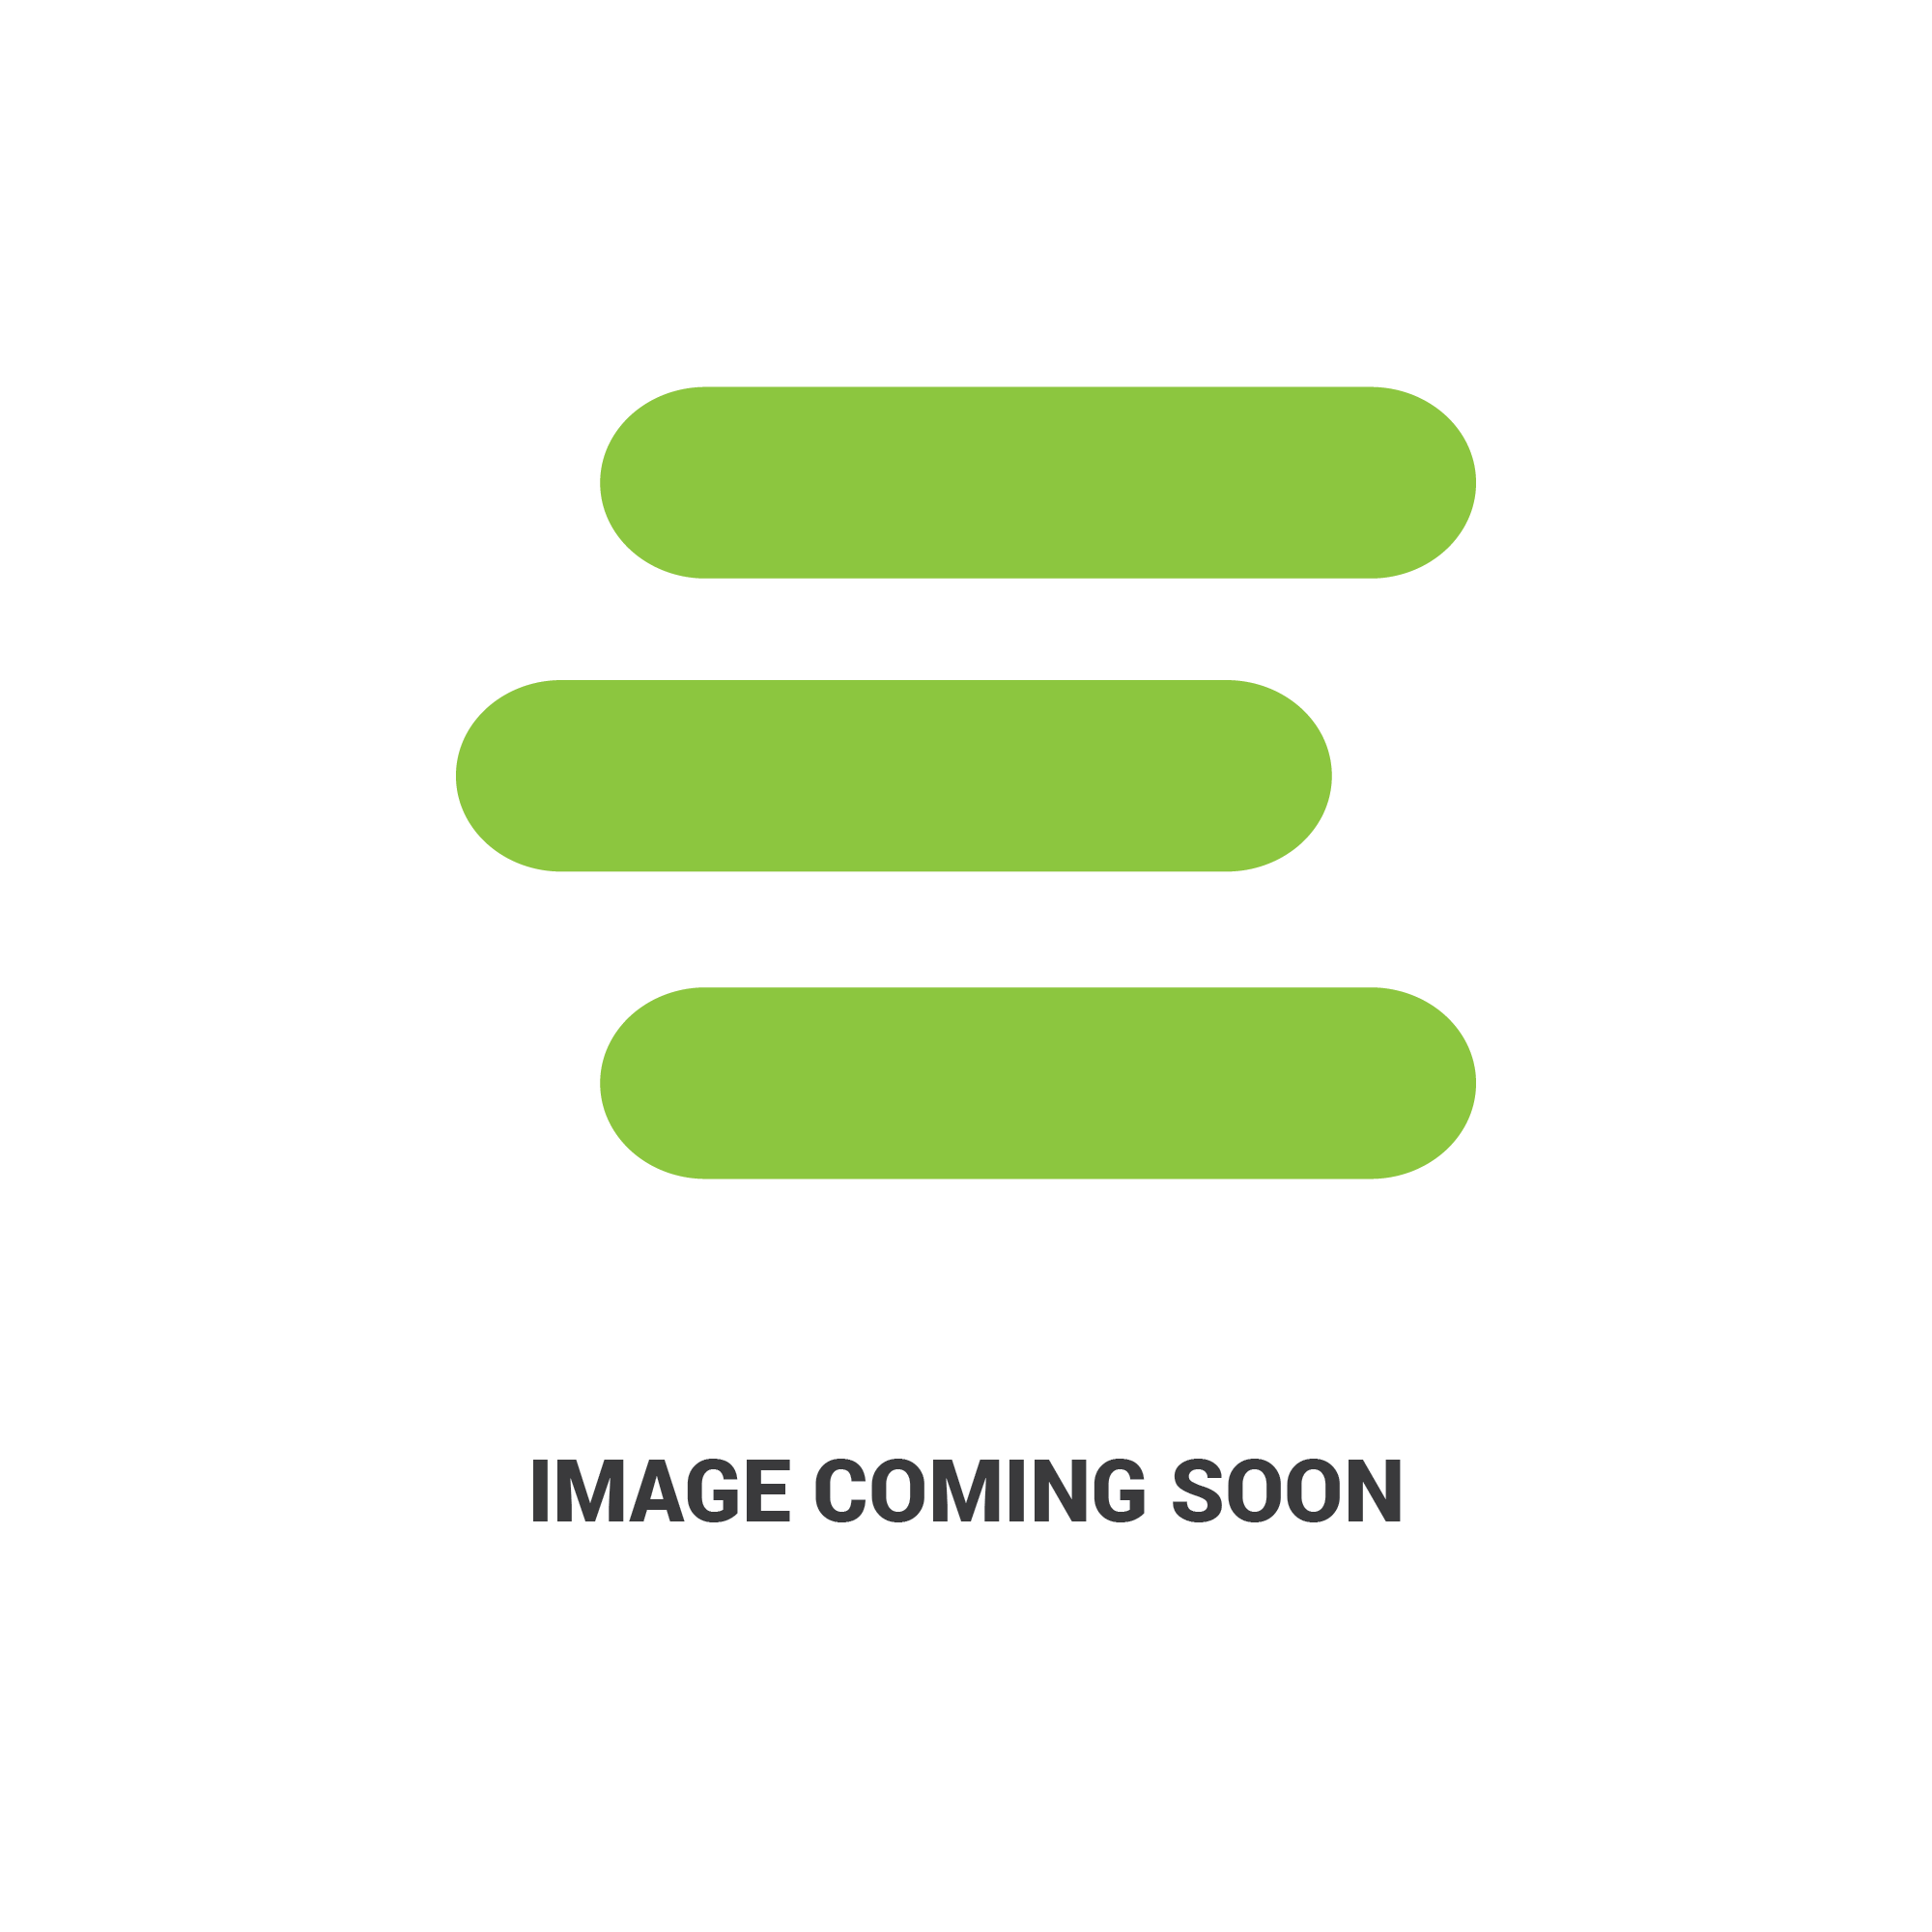 E-247523A1edit 2.jpg